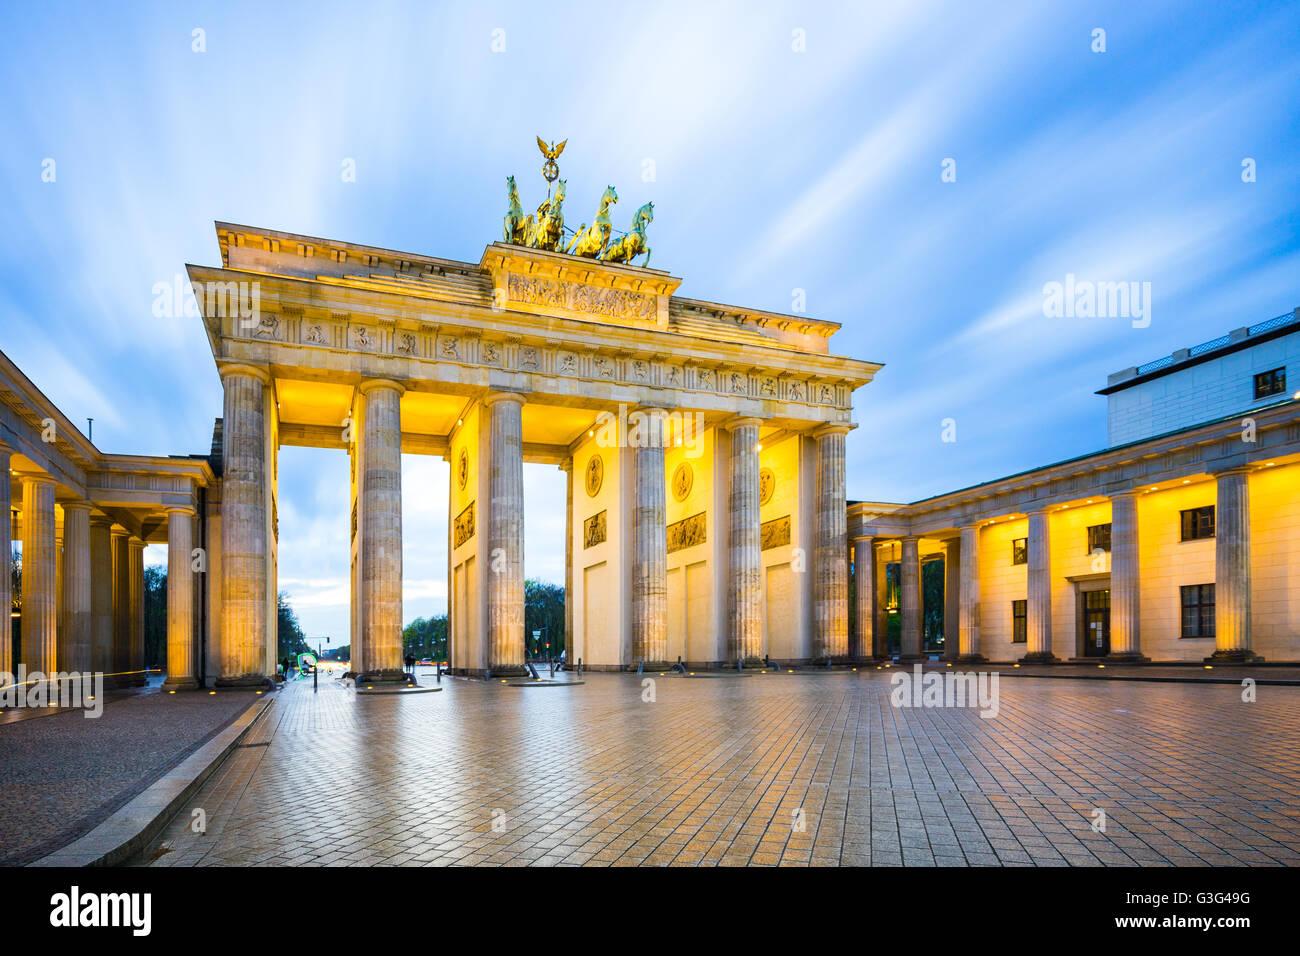 Noche en la Puerta de Brandenburgo en Berlín, Alemania. Imagen De Stock